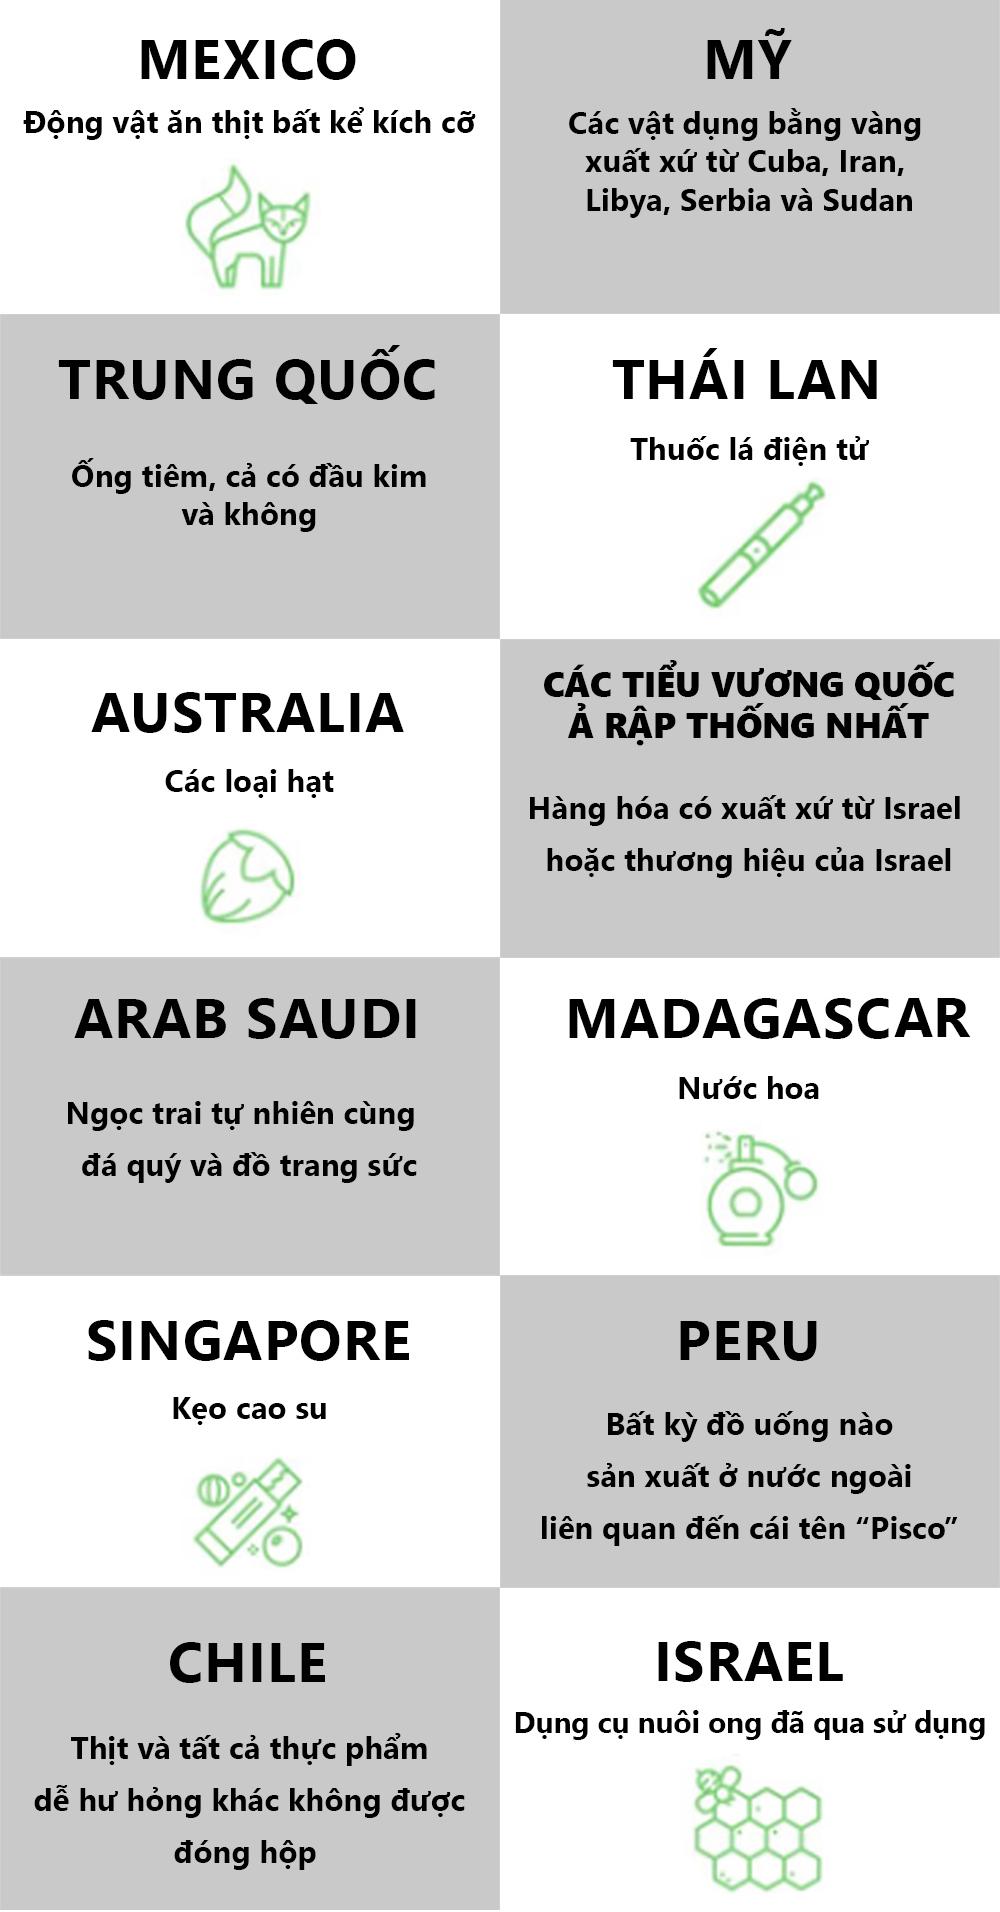 nhung-thu-binh-thuong-o-viet-nam-bi-cam-mang-vao-nuoc-khac-1